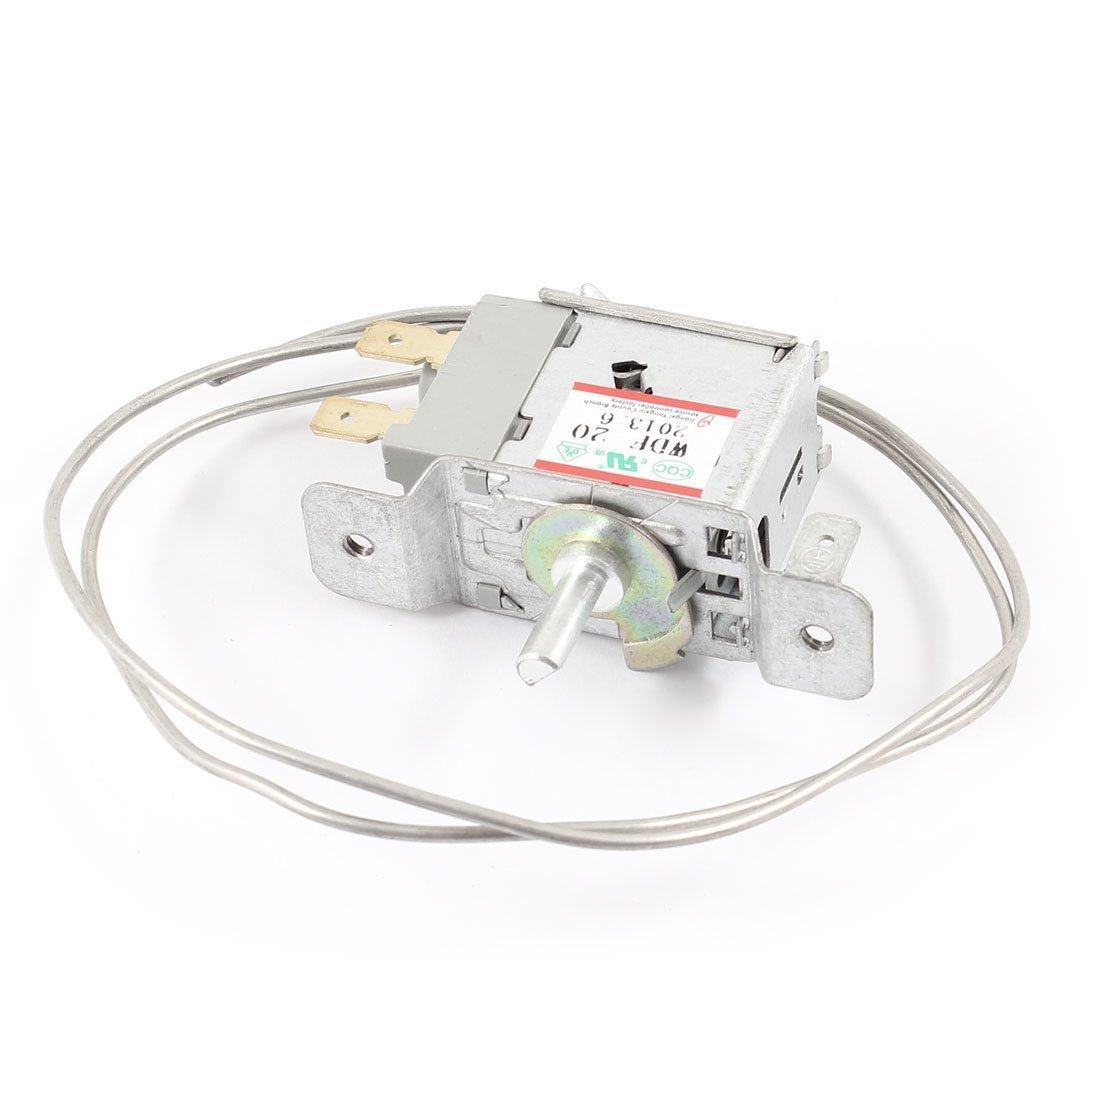 TOOGOO(R) AC 220V 6A 2 Pin Freezer Refrigerator Thermostat WPF-20